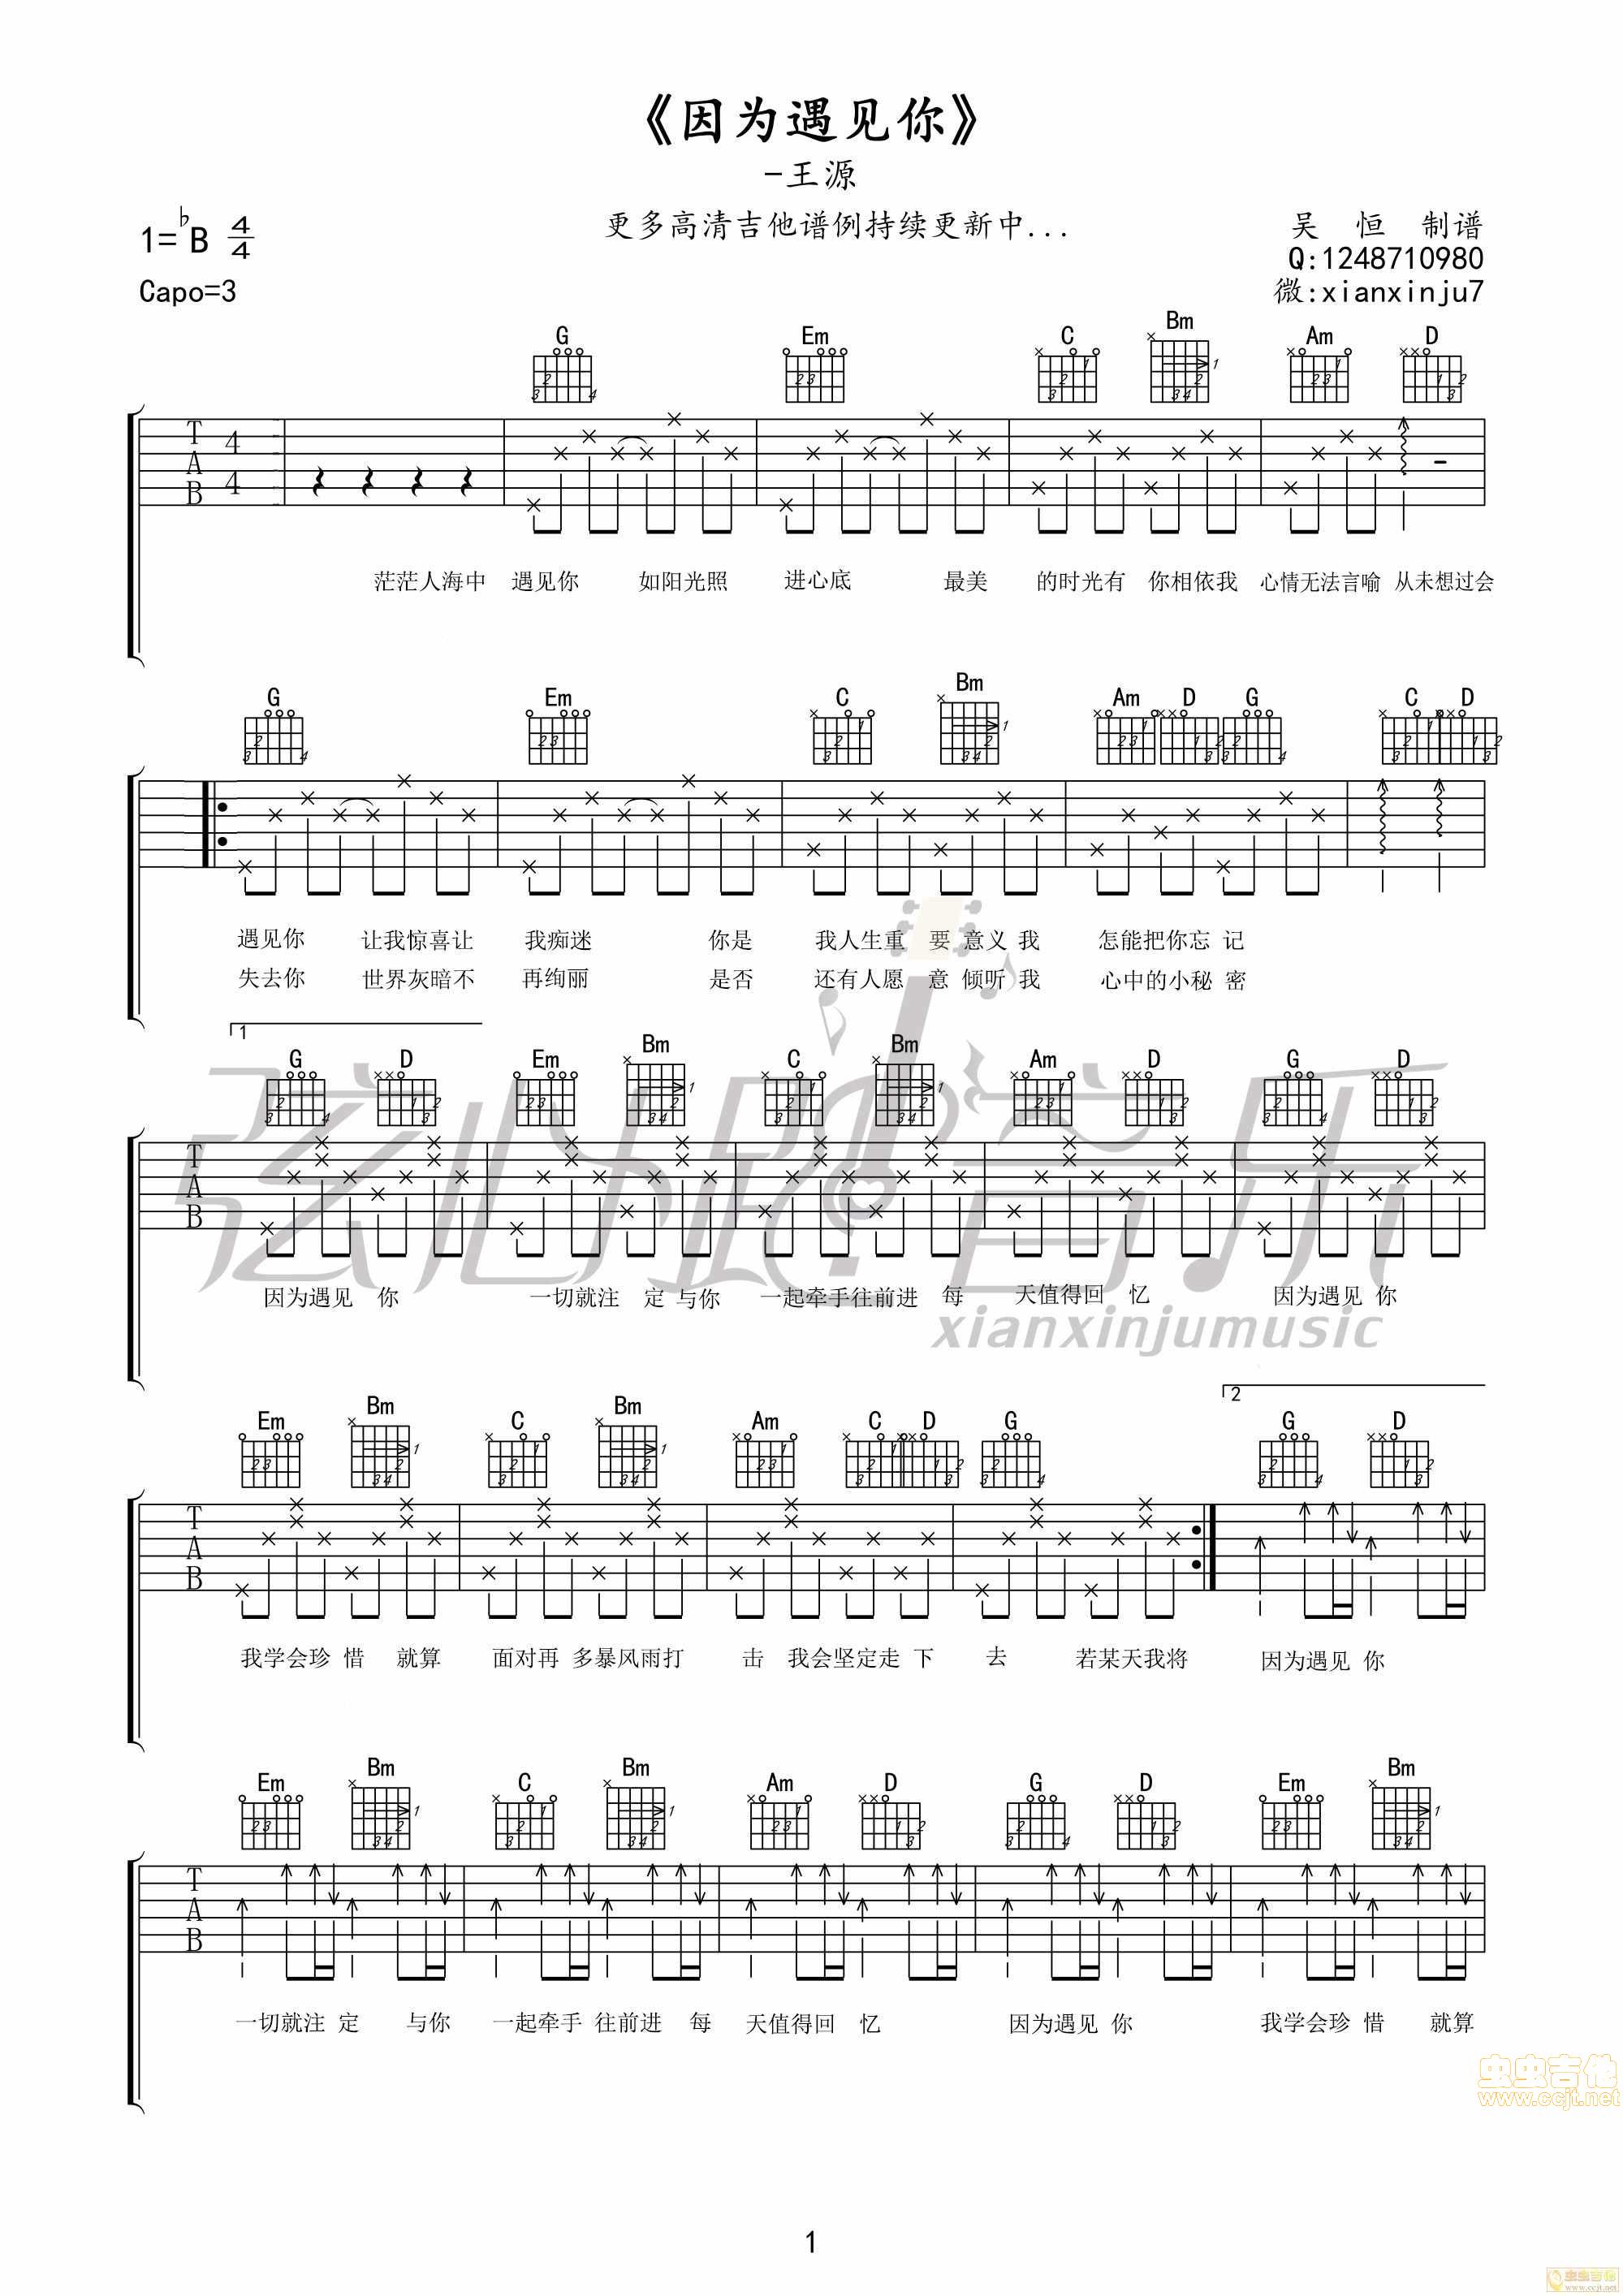 王源《因为遇见你》高清吉他谱-吉他谱(吉他曲)-王源